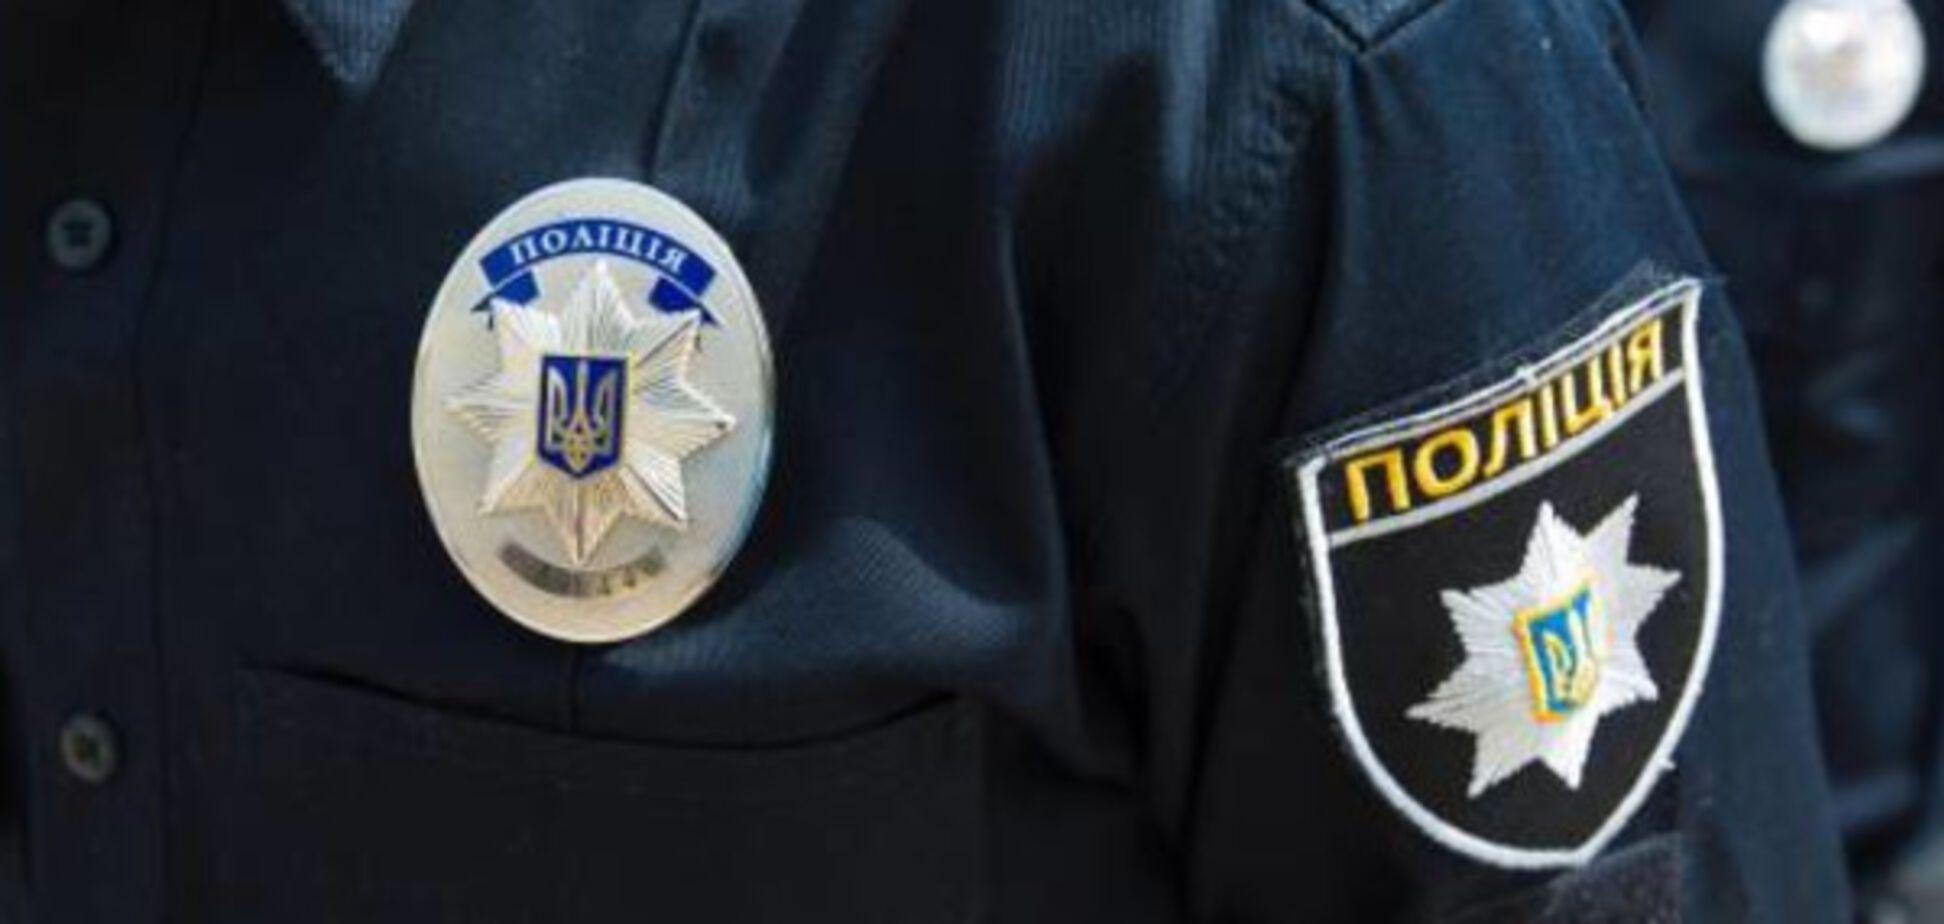 Из-за ЧП в изоляторе отстранены 5 полицейских